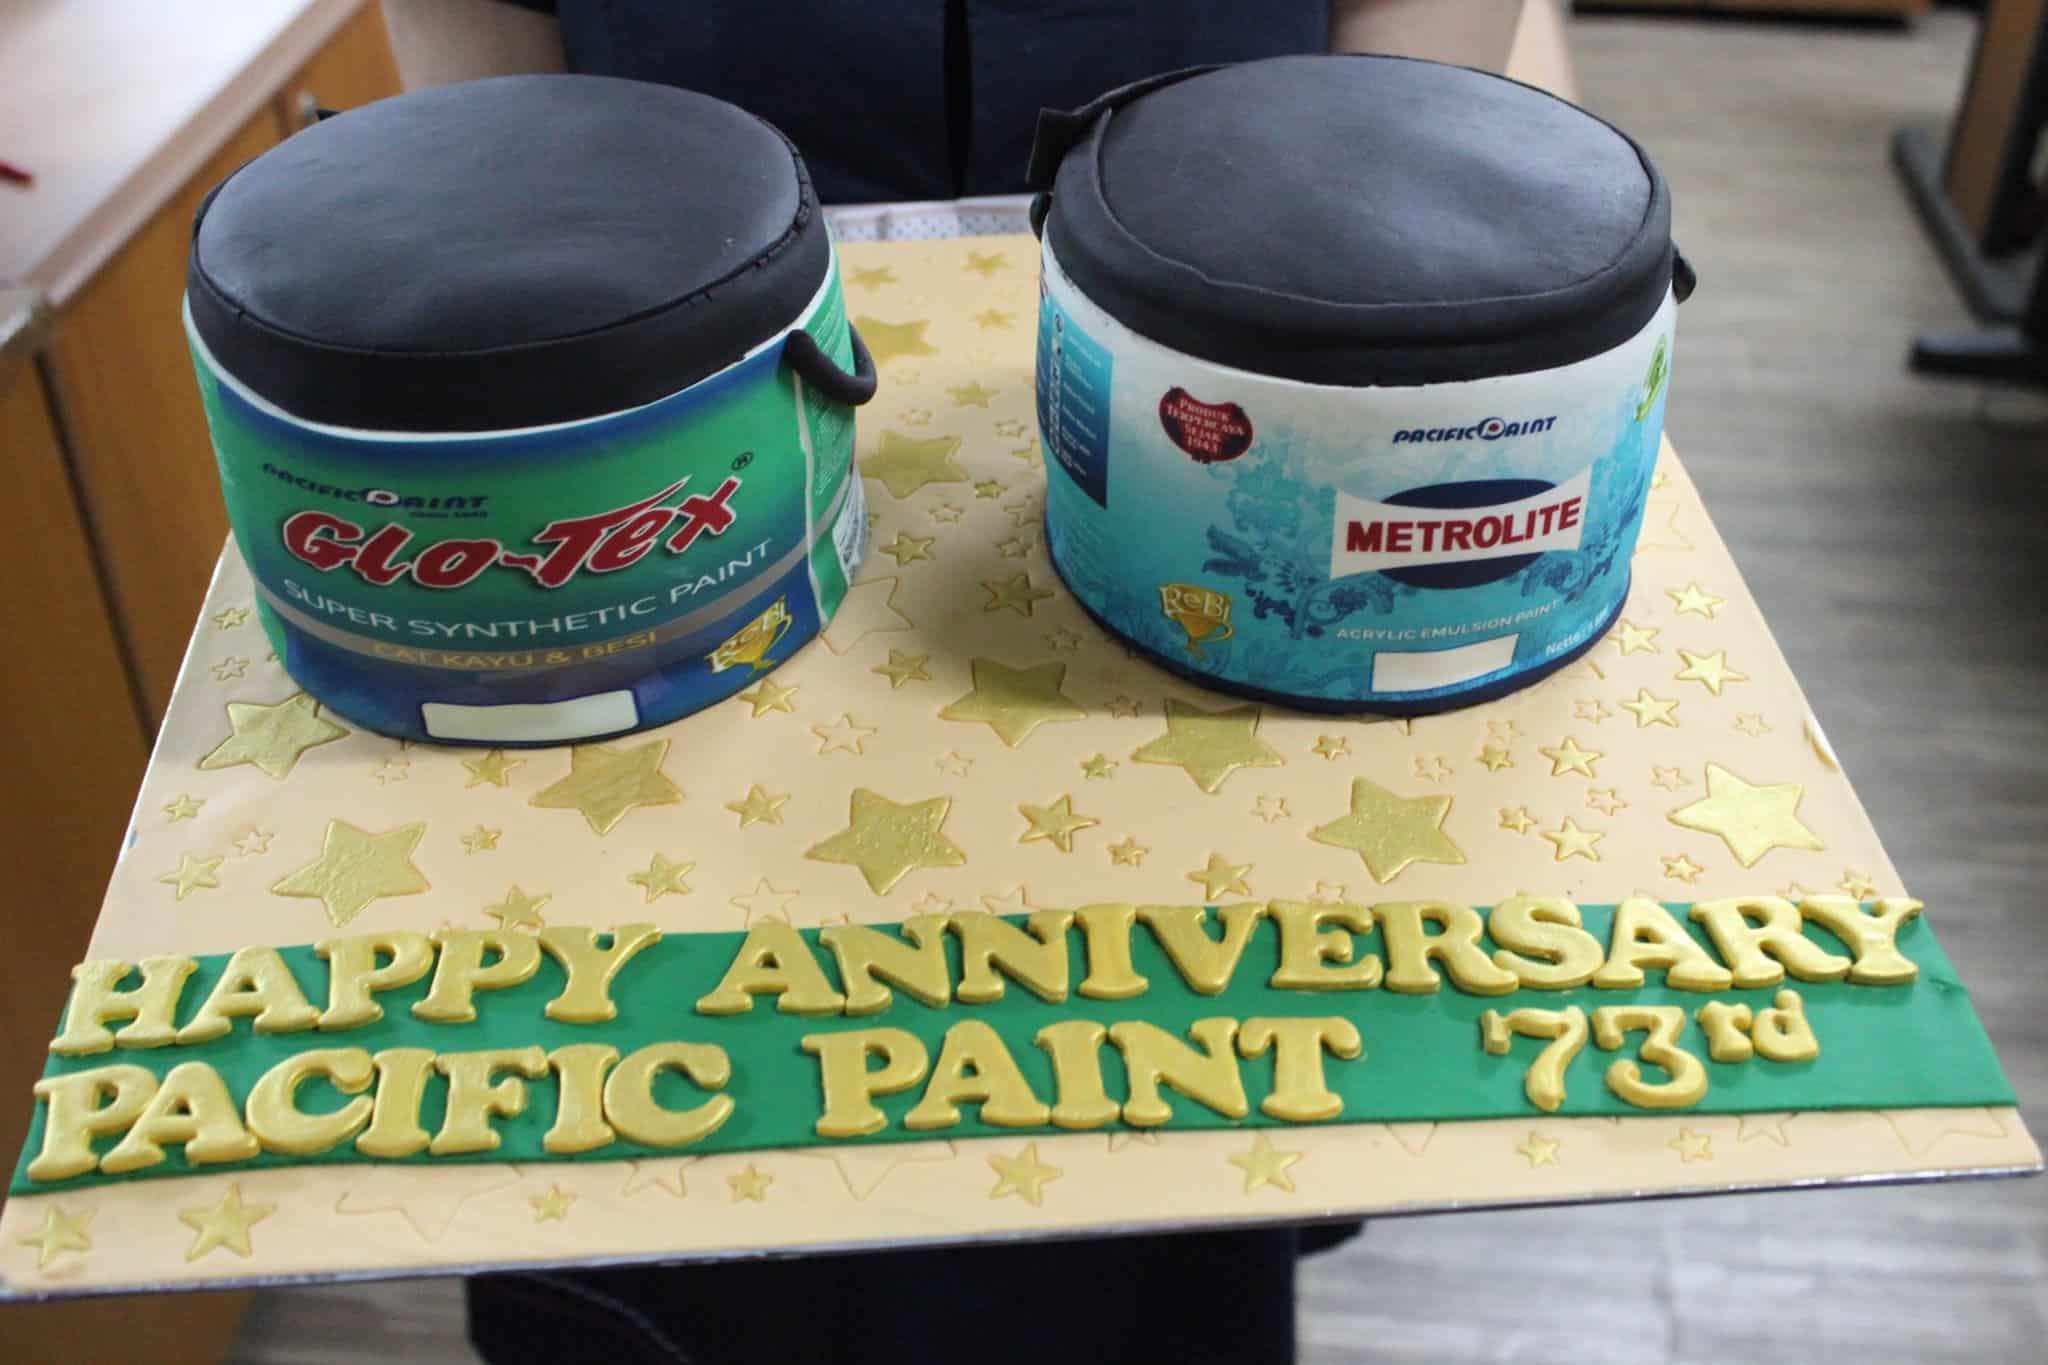 Ulang tahun Pacific Paint